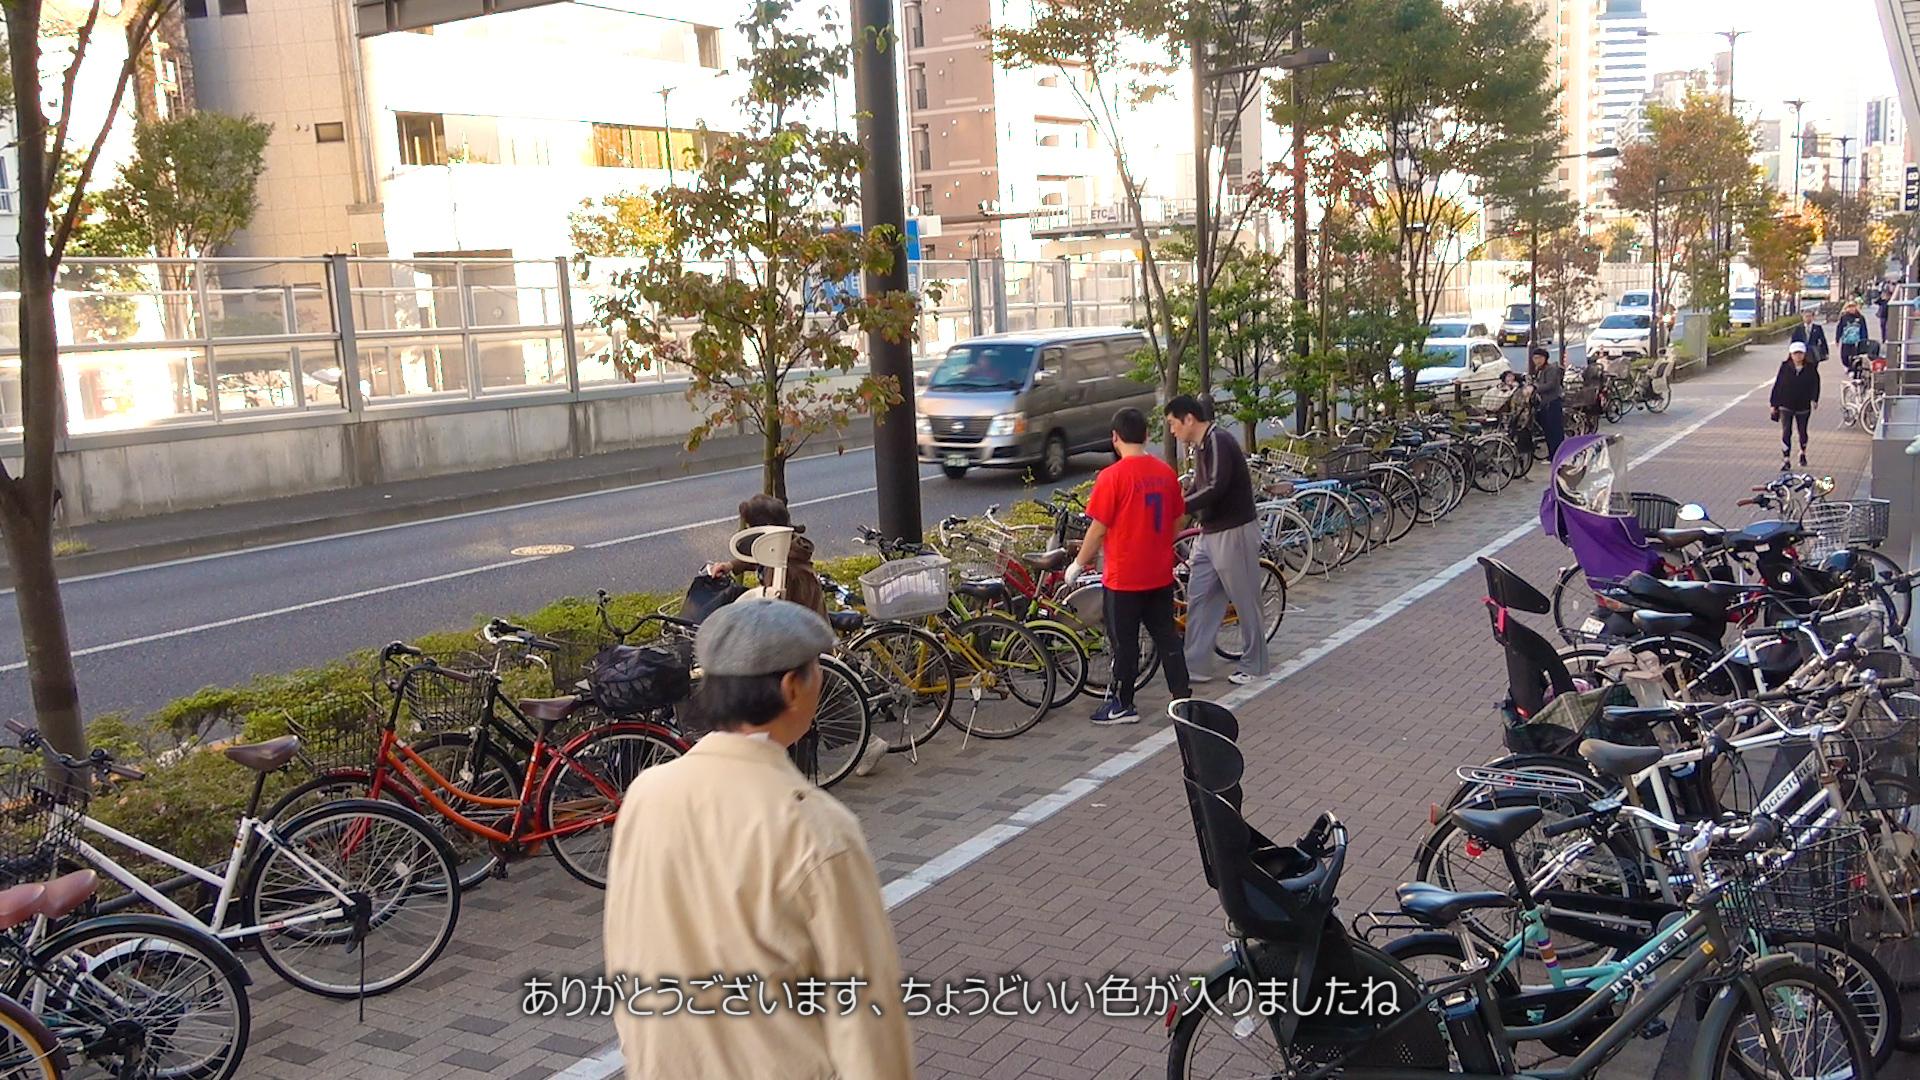 トモトシ_カラーパーキング_color parking3